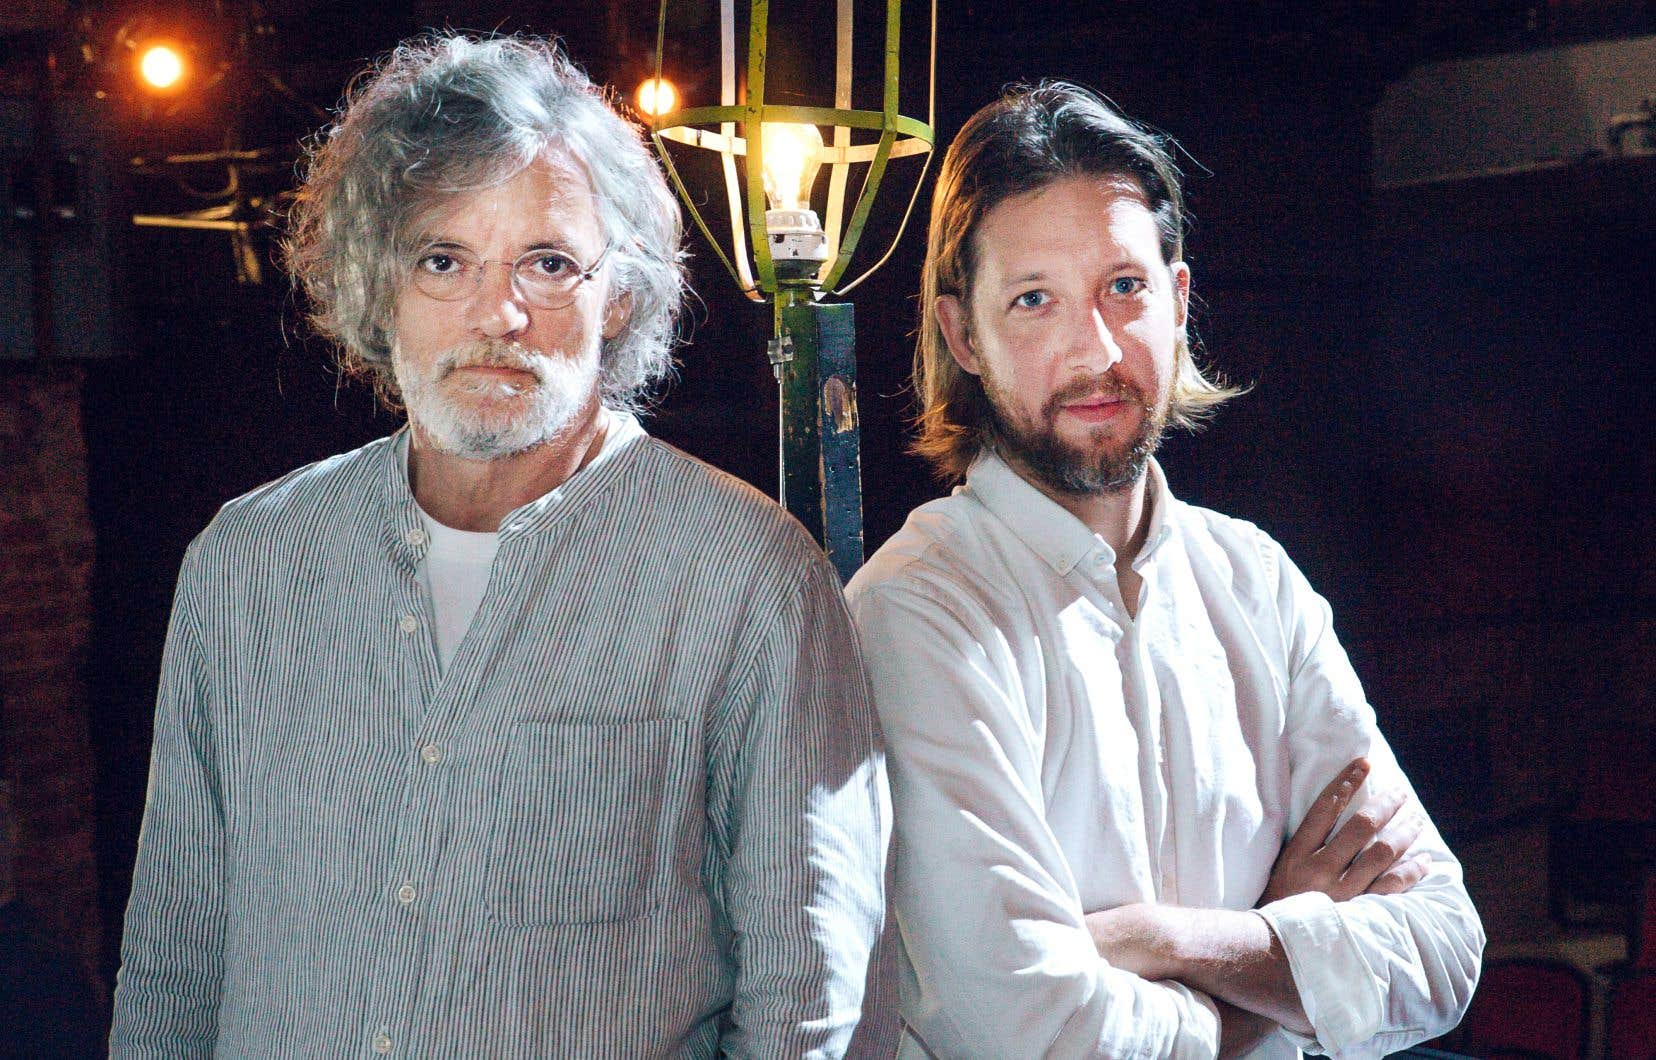 Pour défendre le rôle exigeant du biblio-thécaire hollandais, François Girard (à gauche) a choisi nul autre que l'acteur Emmanuel Schwartz, qui se produira sur la scène du TNM.